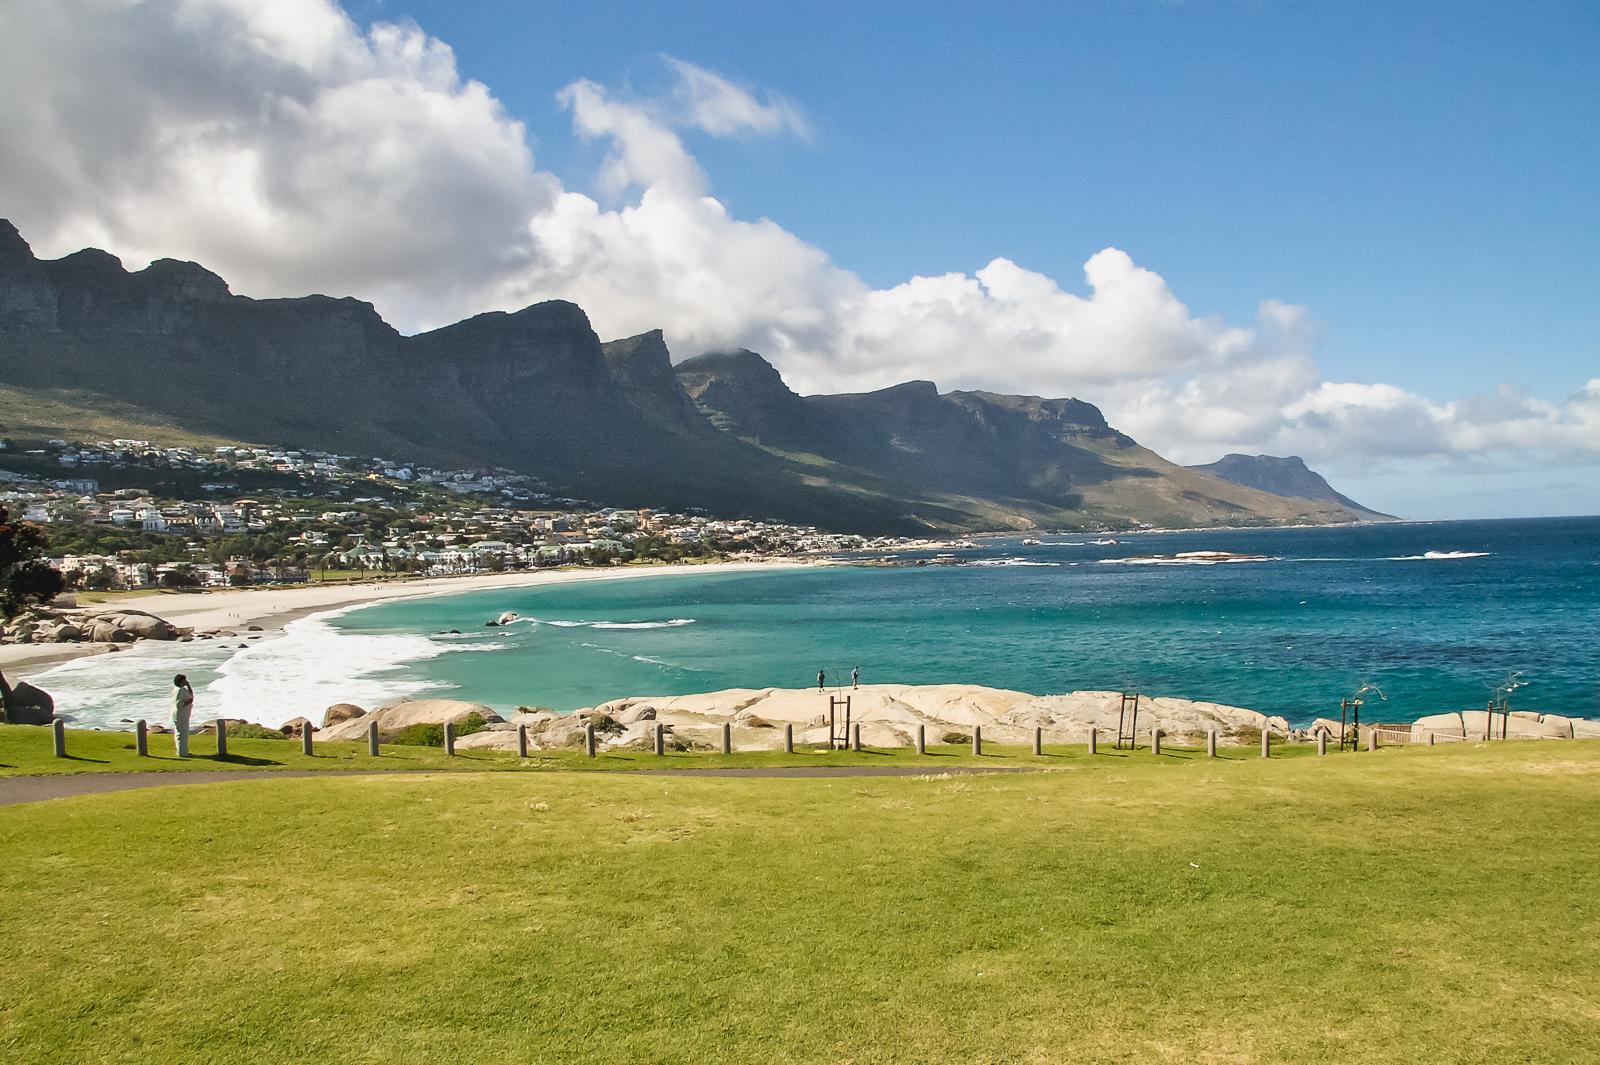 20071213 - Cape Point Tour -071213 -001